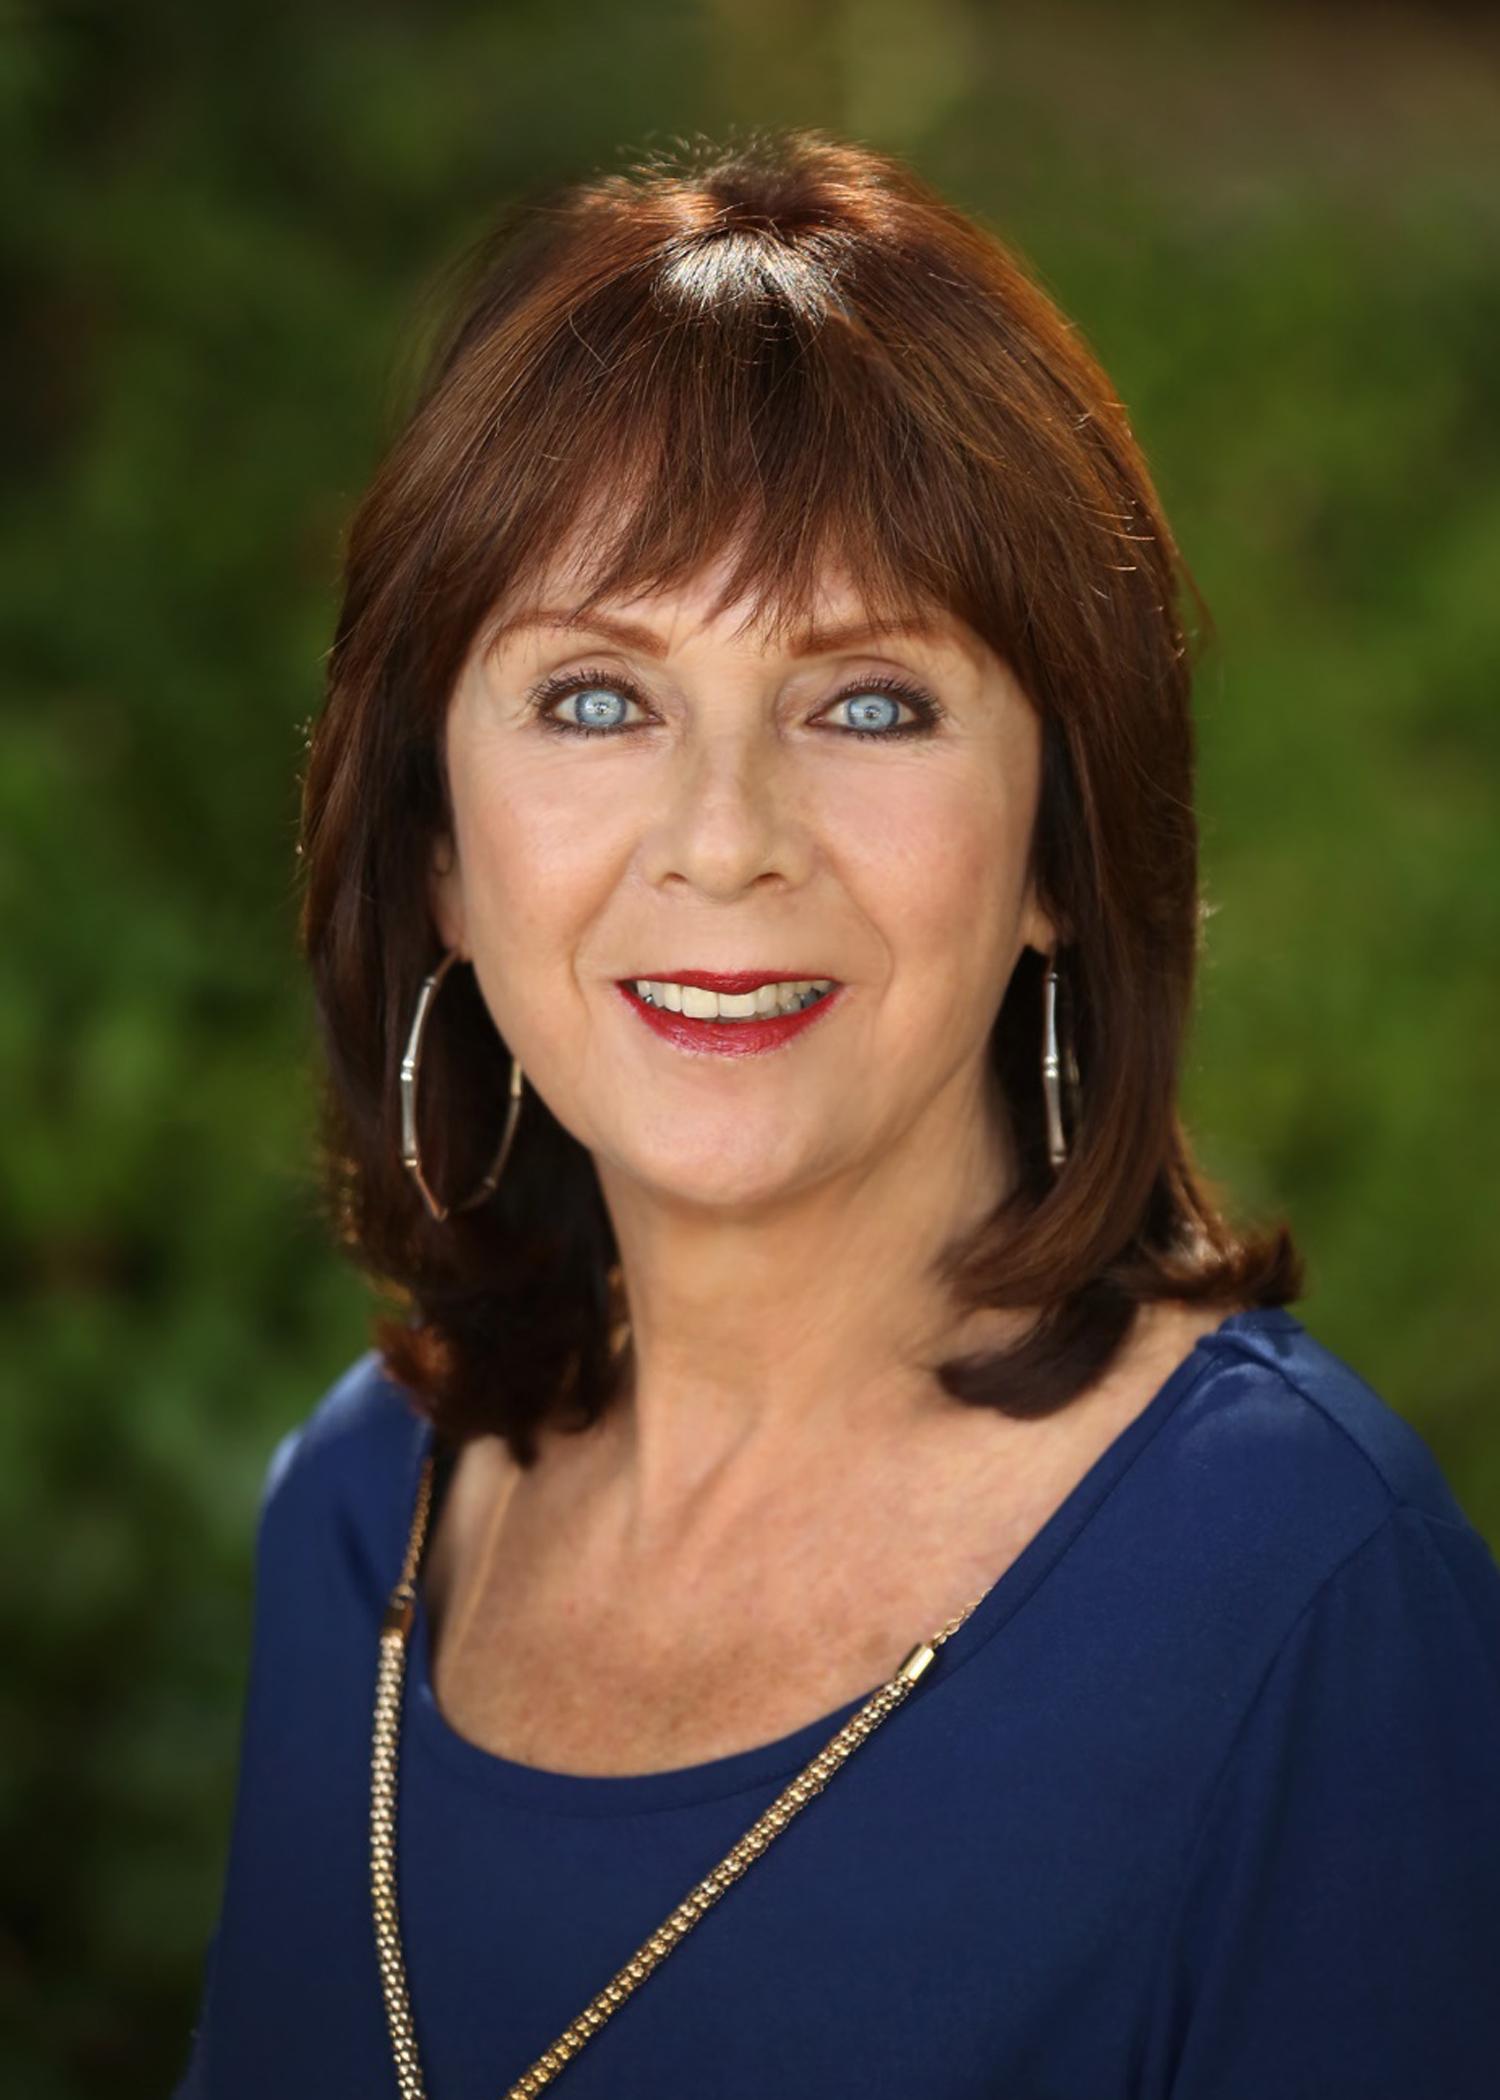 Julie Fertziger